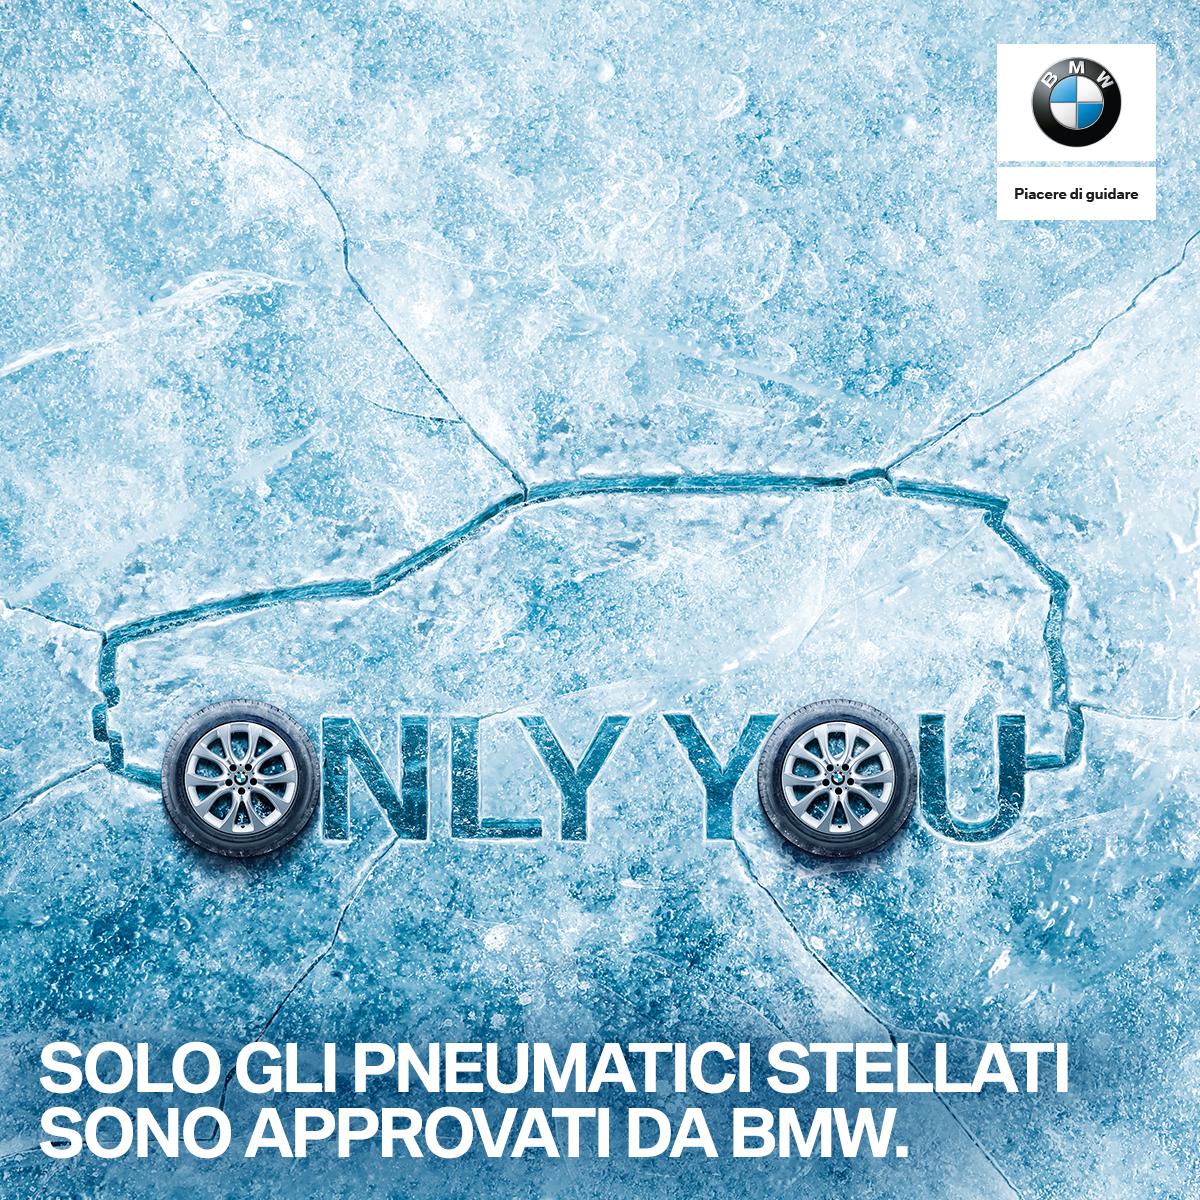 Pneumatici Invernali Stellati BMW